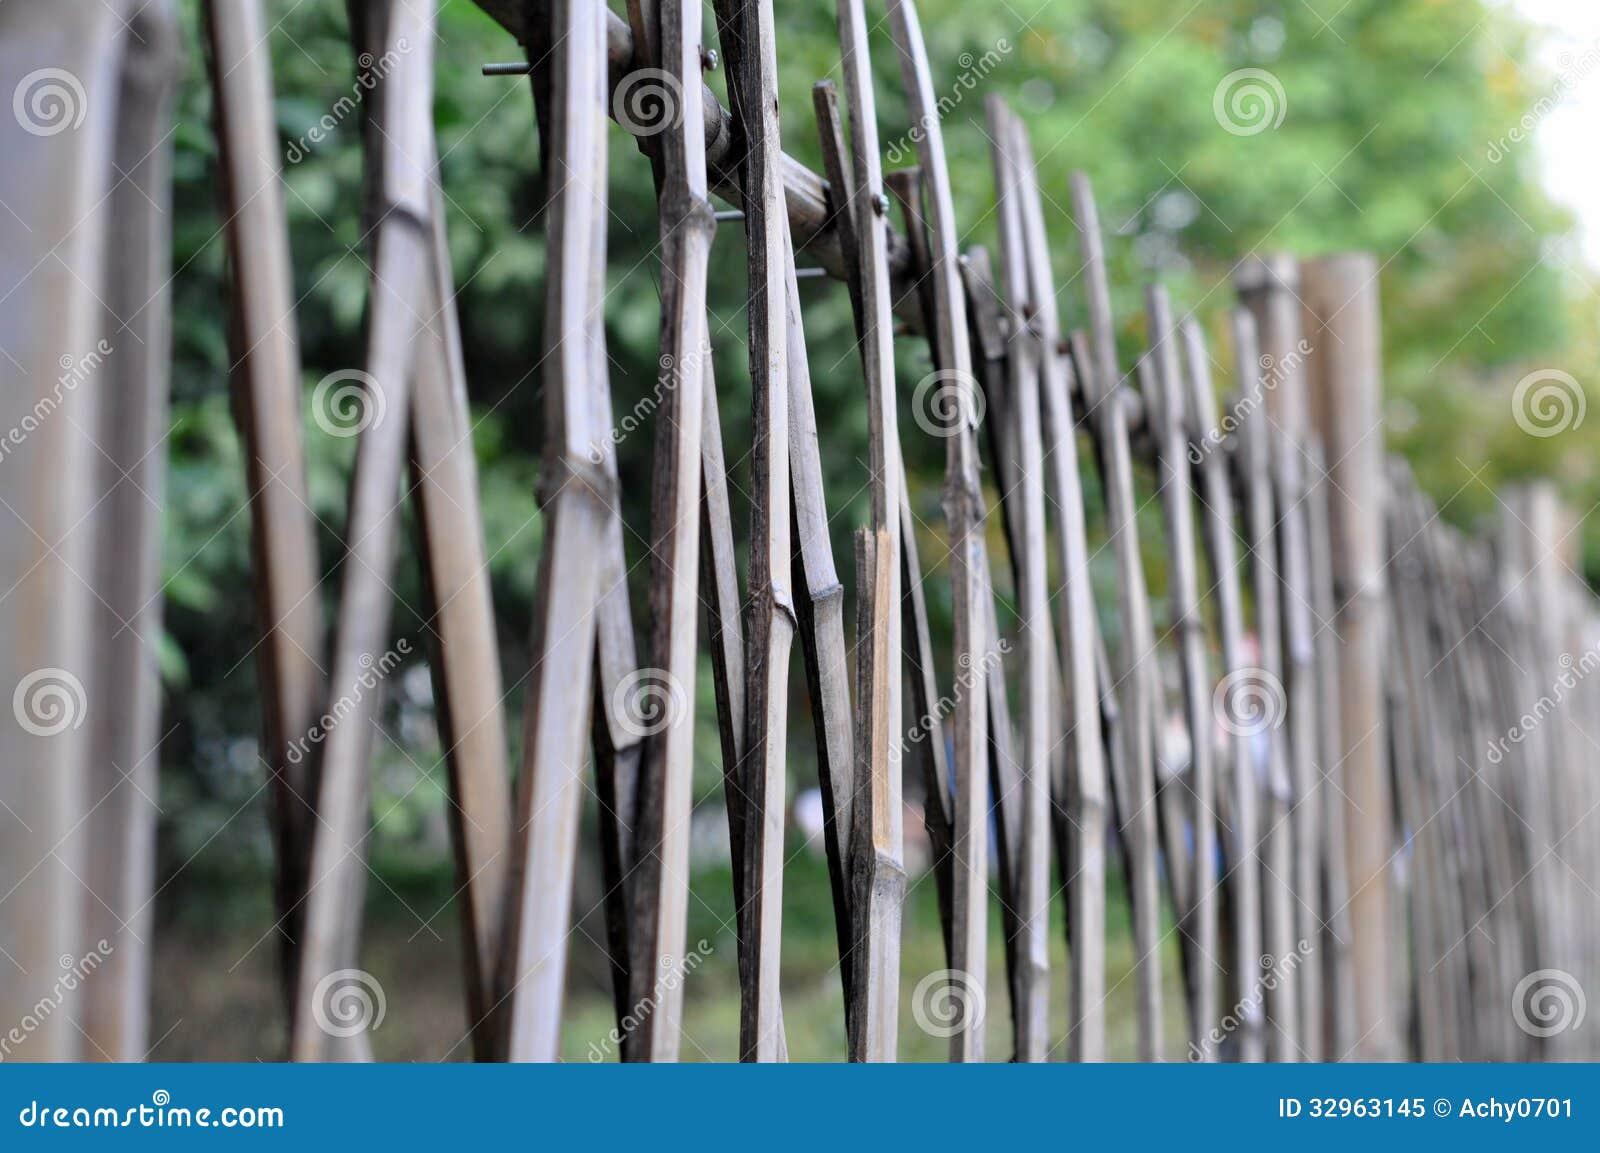 Barriere En Bambou ~ Frdesignweb.co